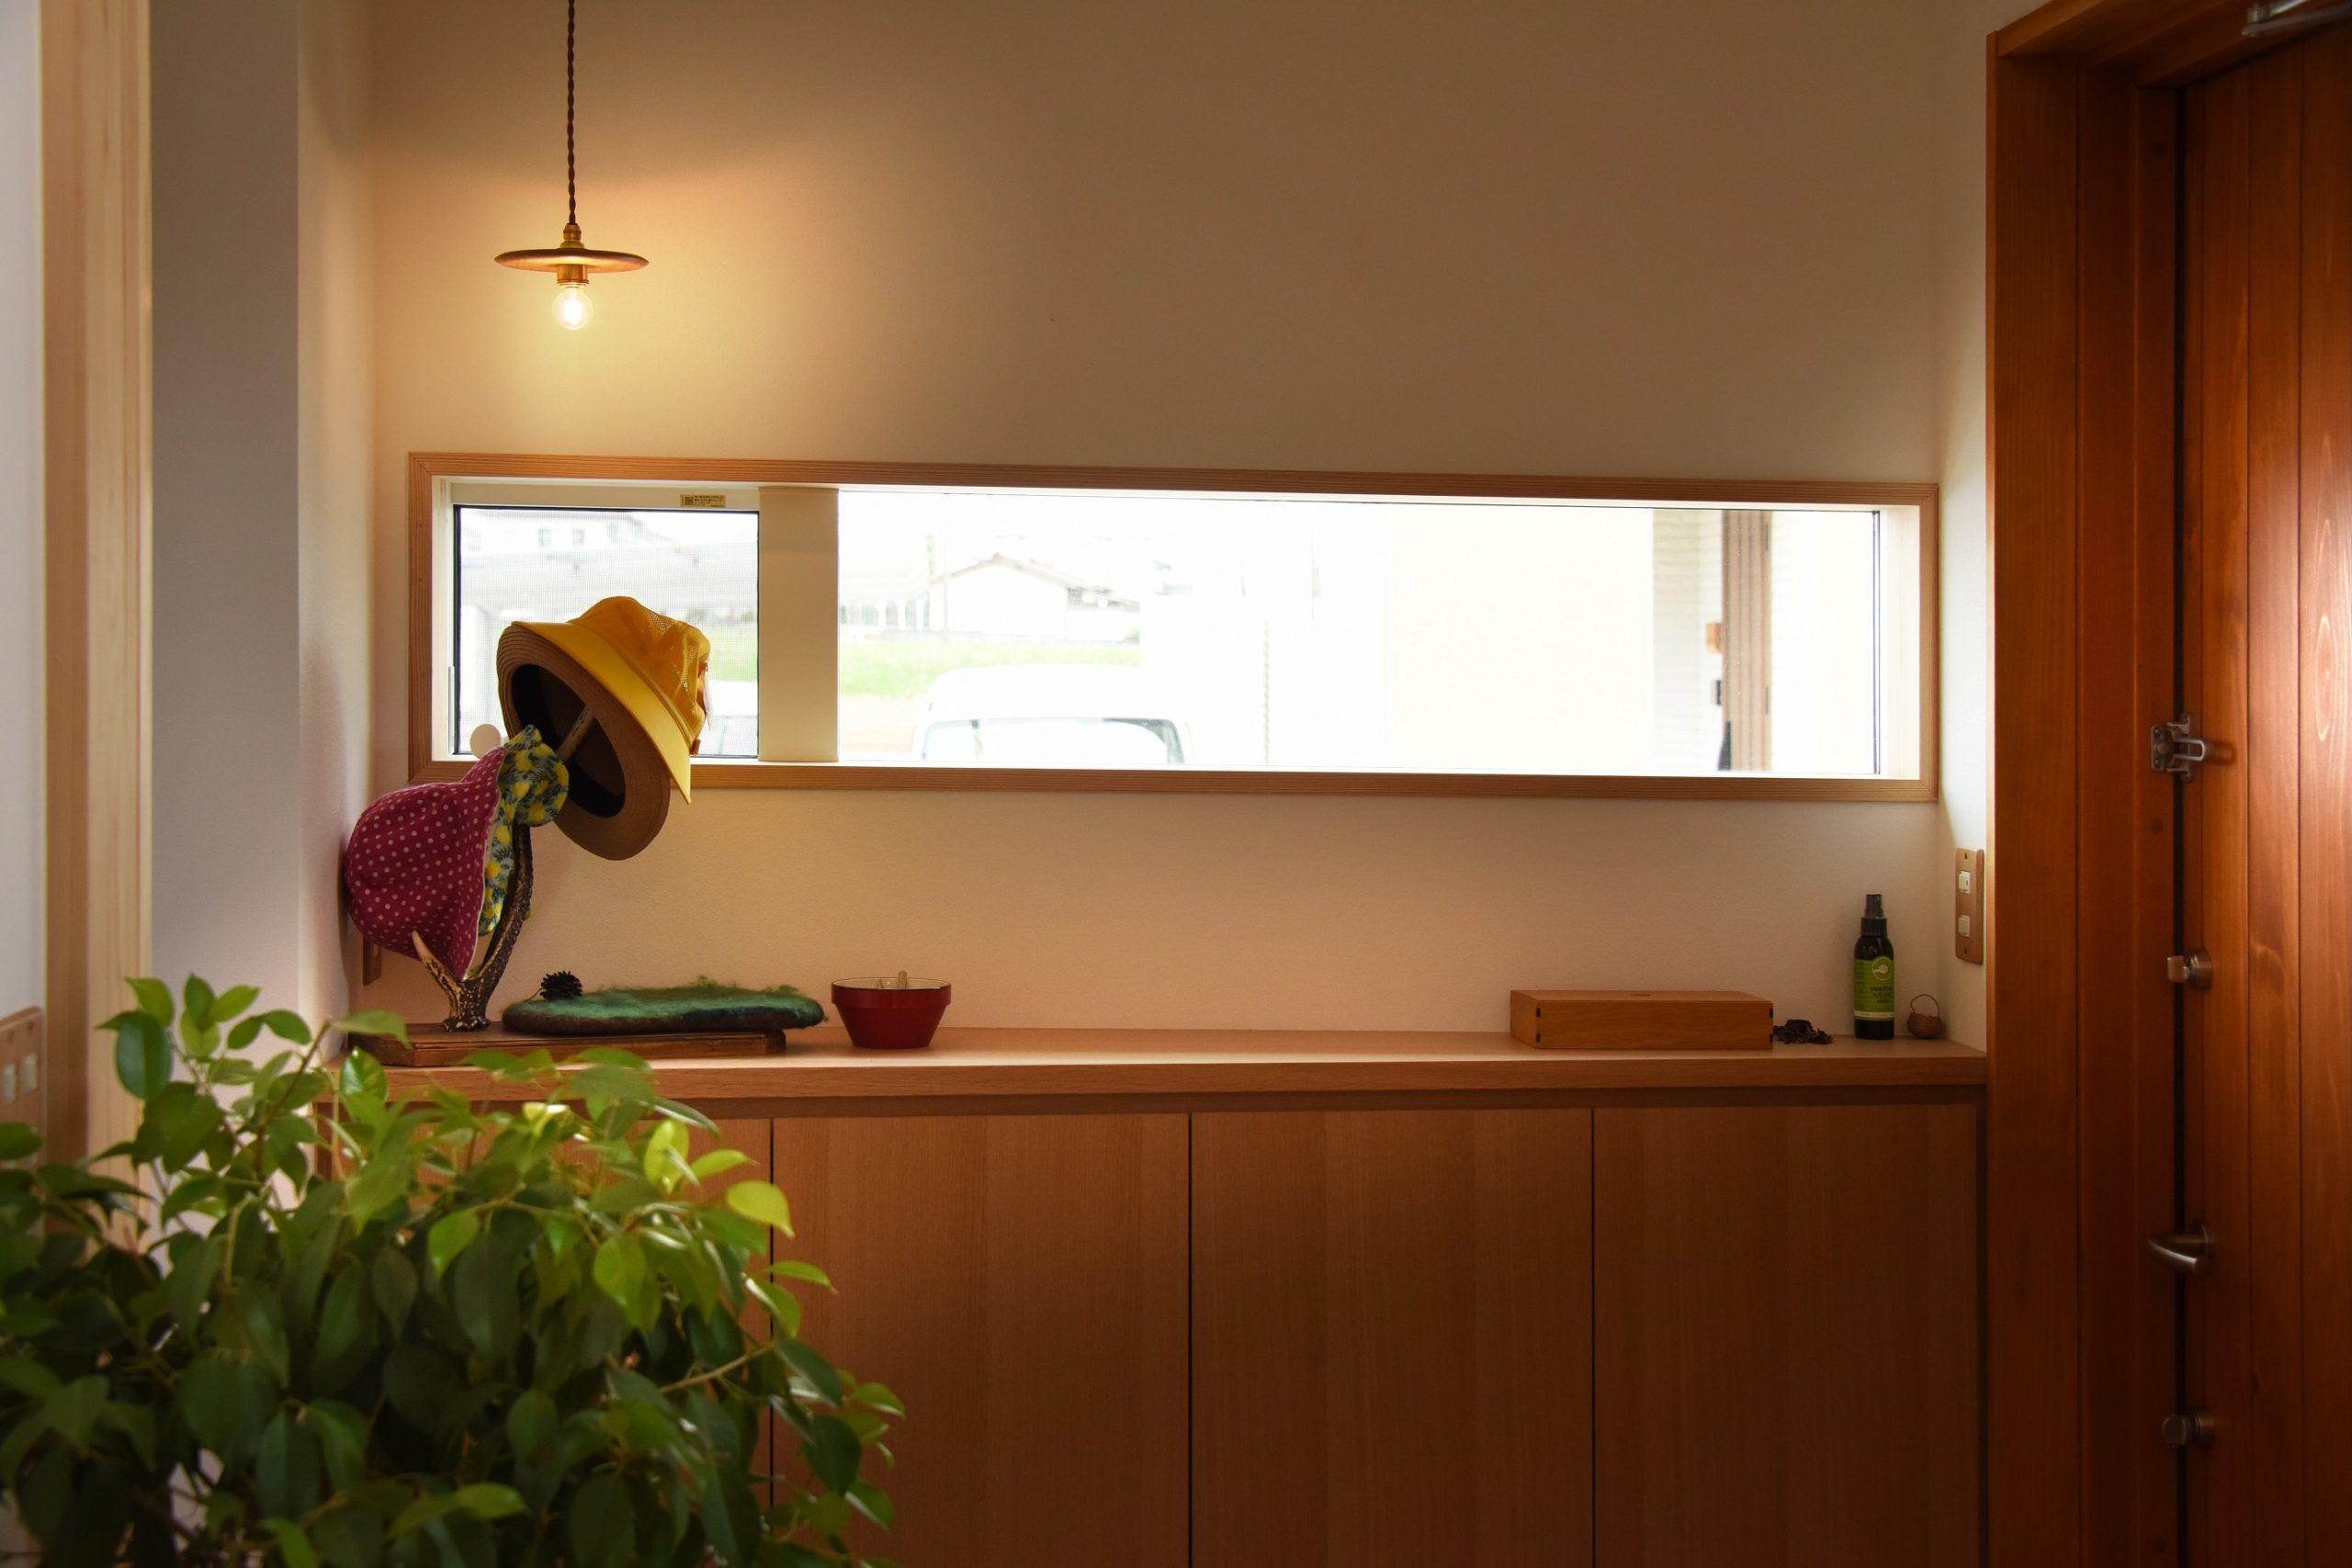 滴水(たるみず)の住宅:明るい玄関。檜の木製のドアとタモの突板の玄関収納、窓枠も無垢材を使い、子供たちが帰ってきてホッとできるような場所になっています。